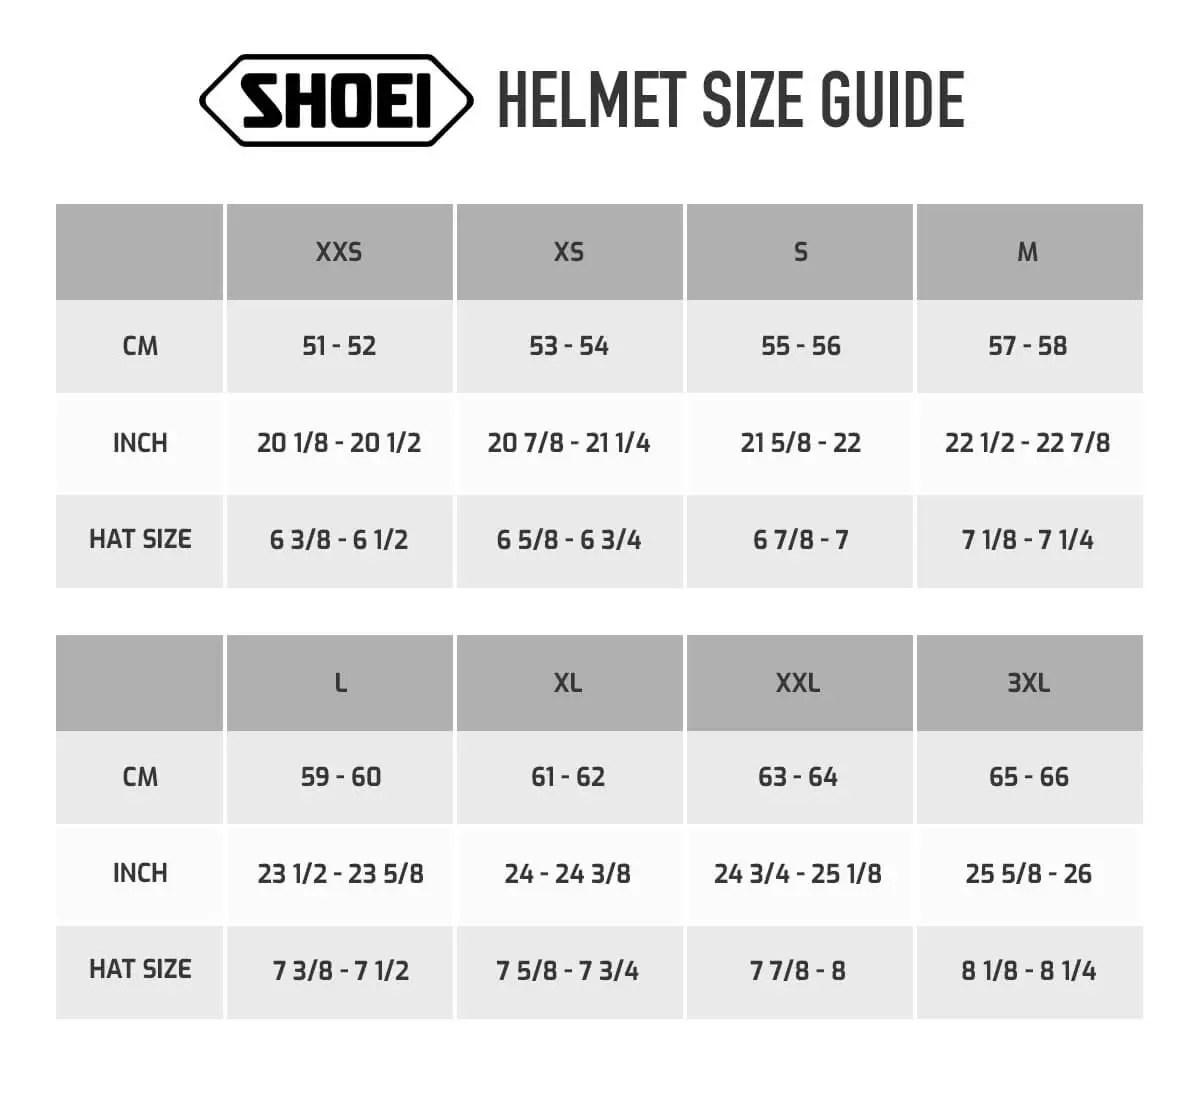 Bildresultat för Shoei size guide